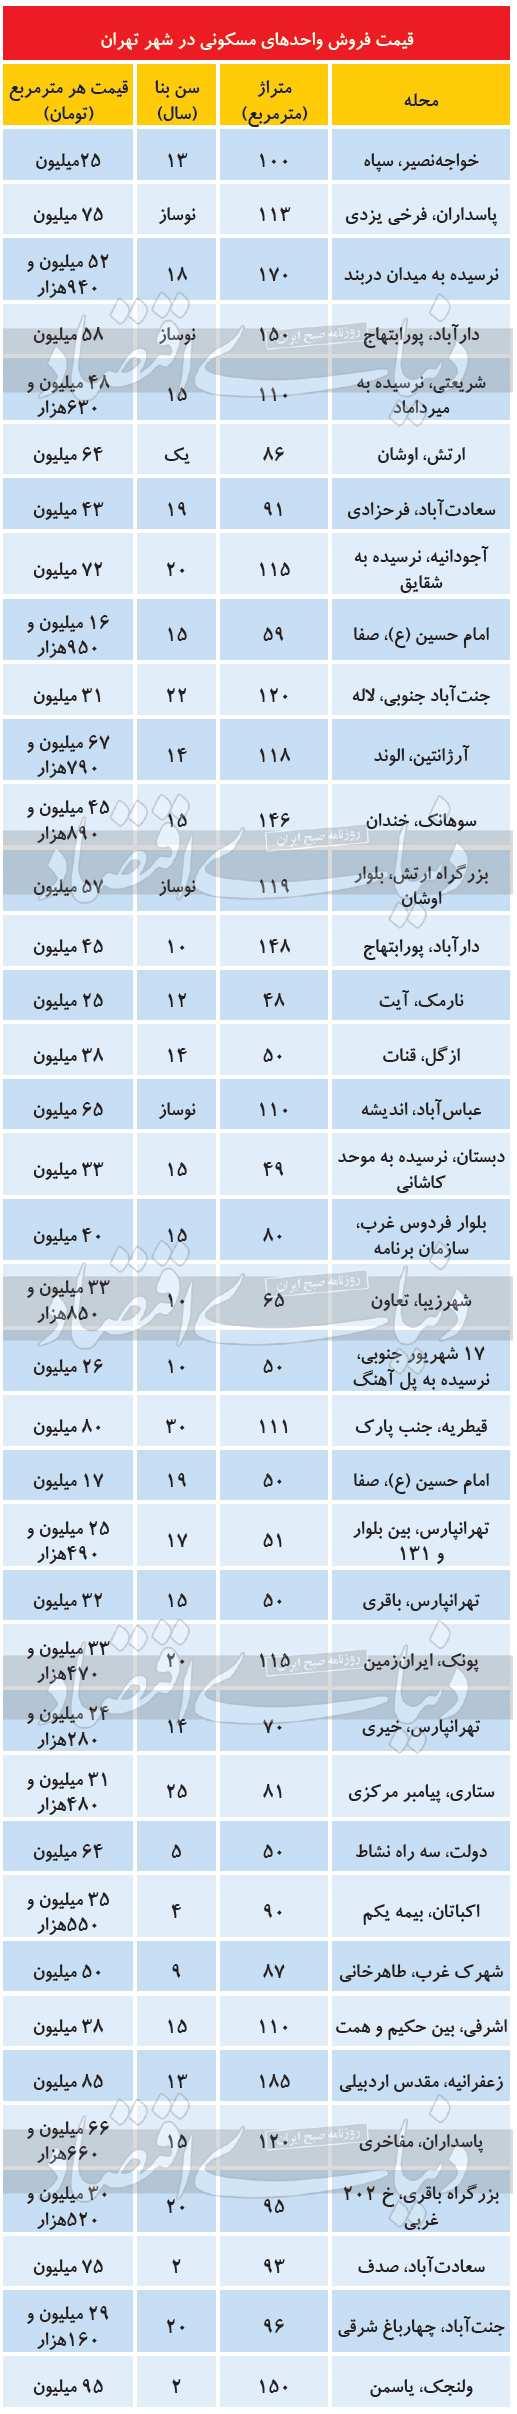 نتیجه انتخابات بر قیمت مسکن,قیمت مسکن بعد از انتخابات 1400